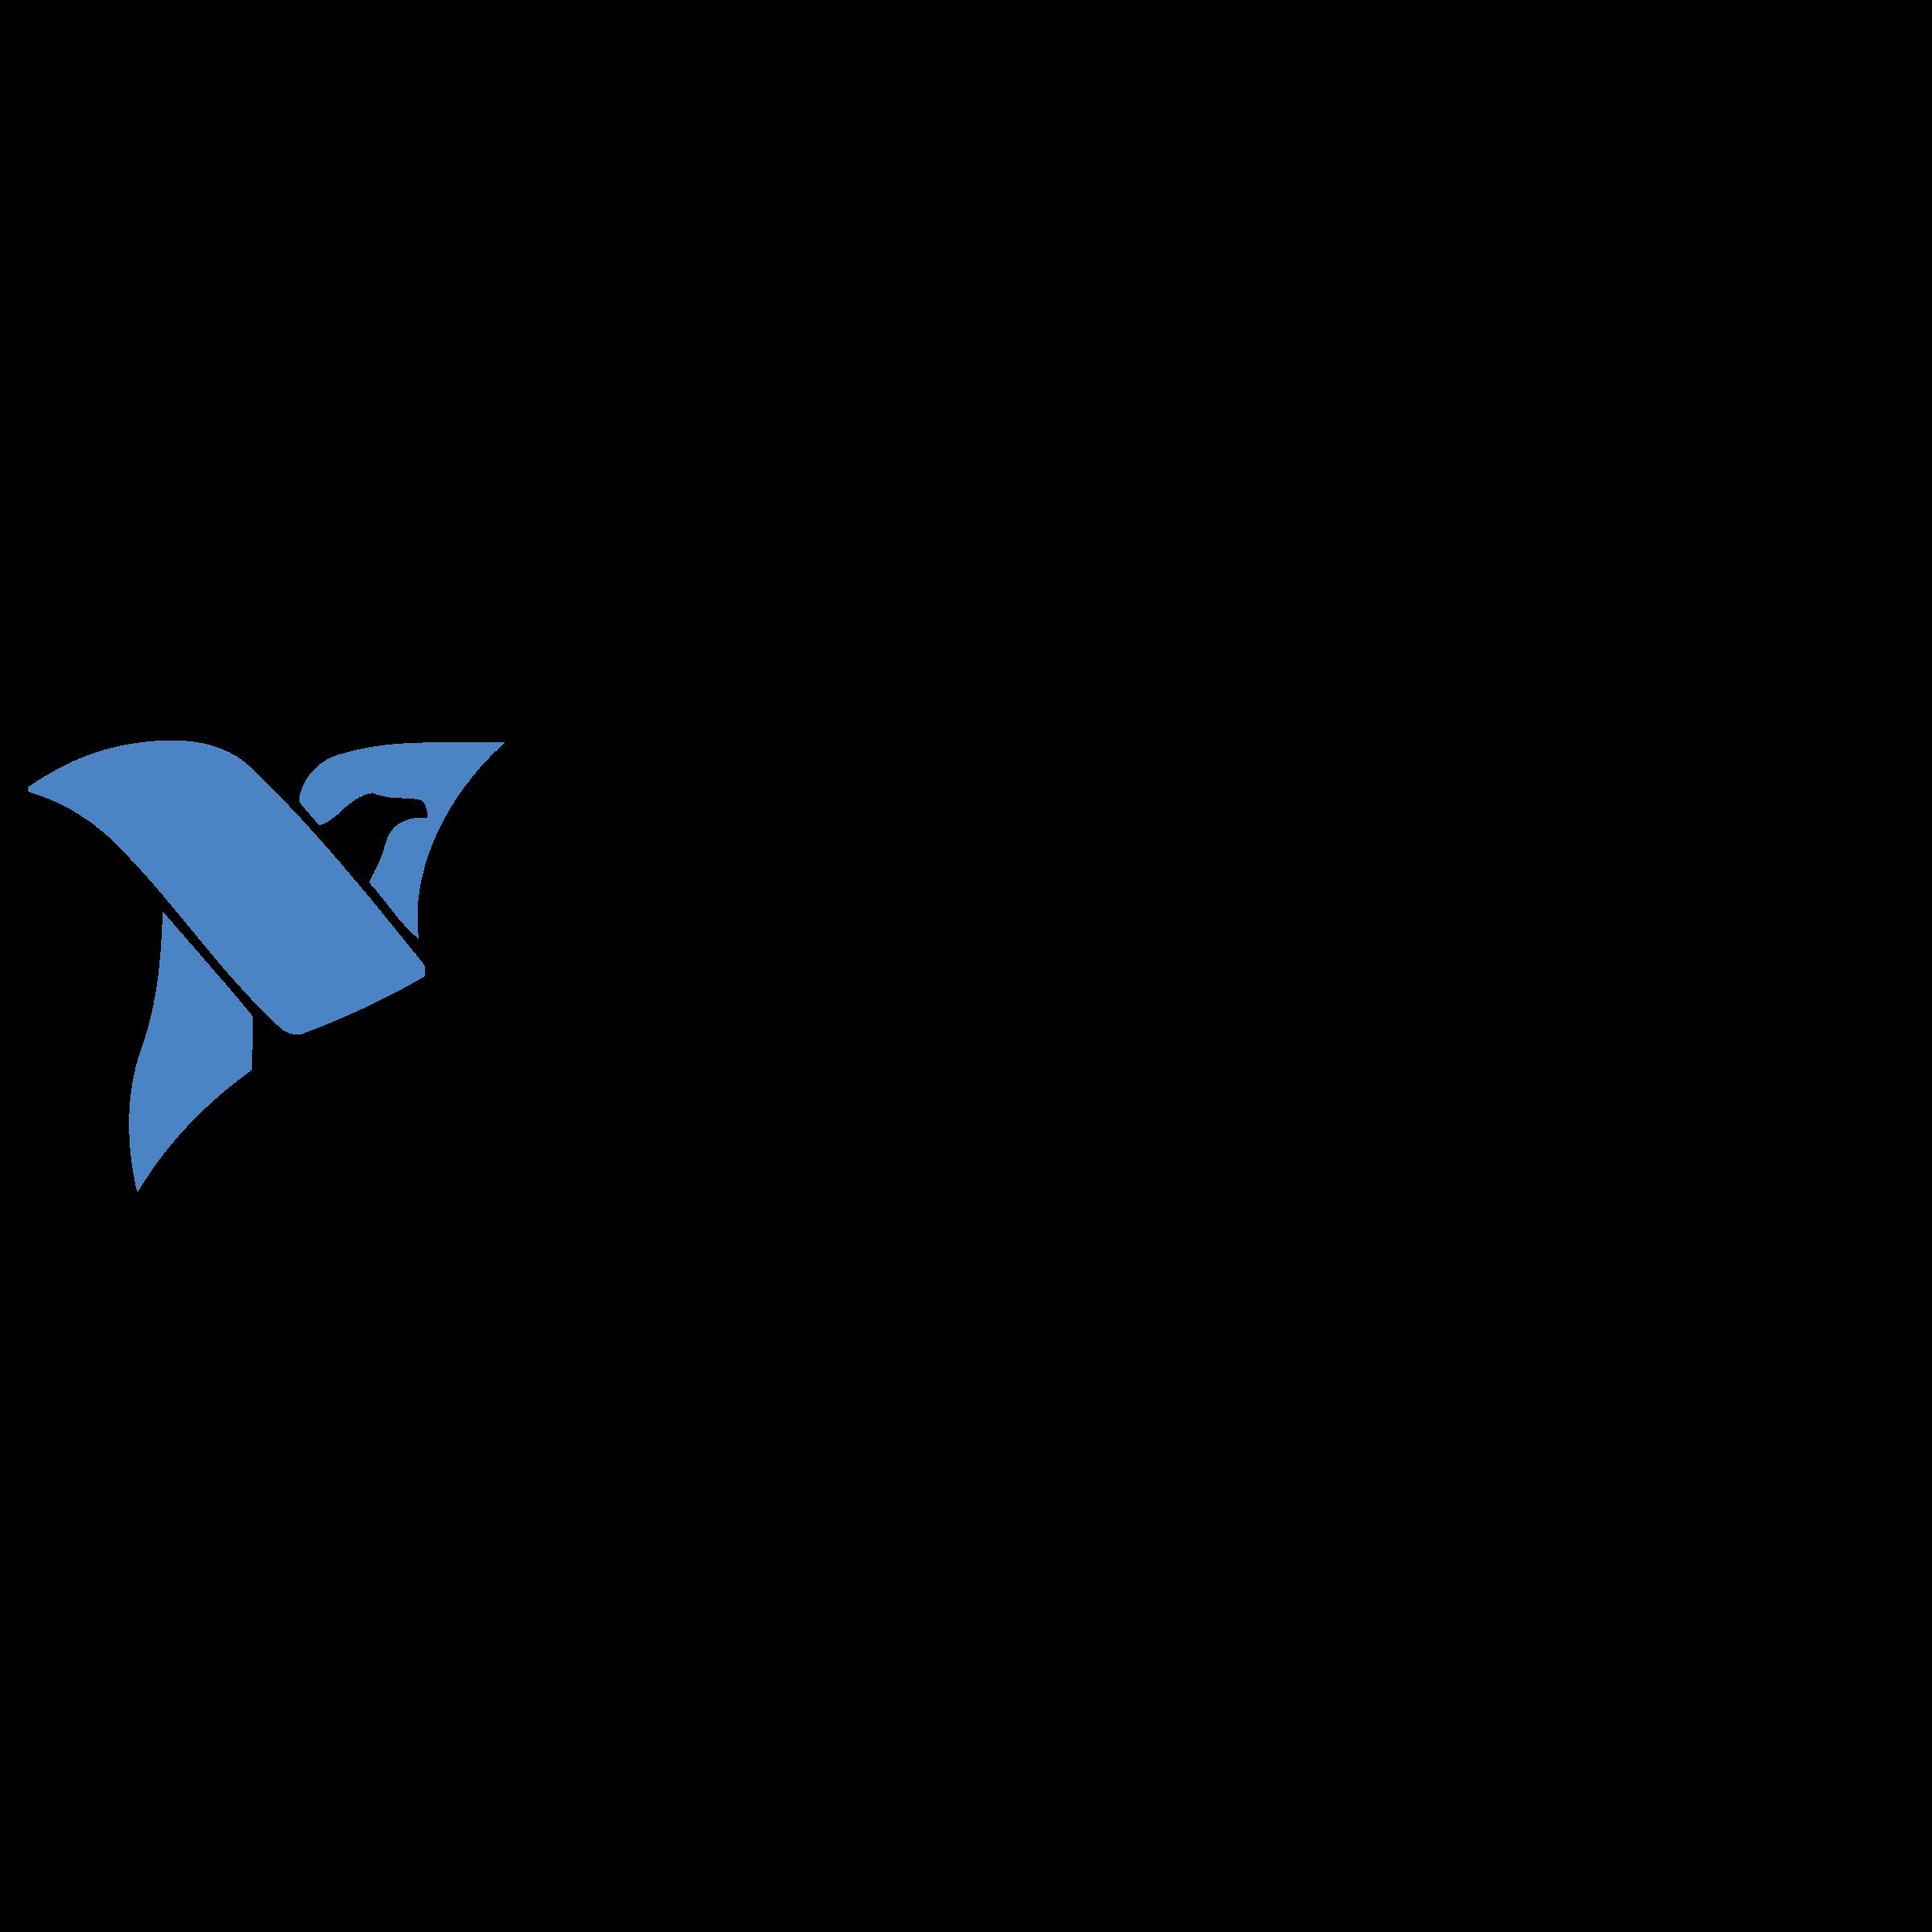 national instruments logo png transparent